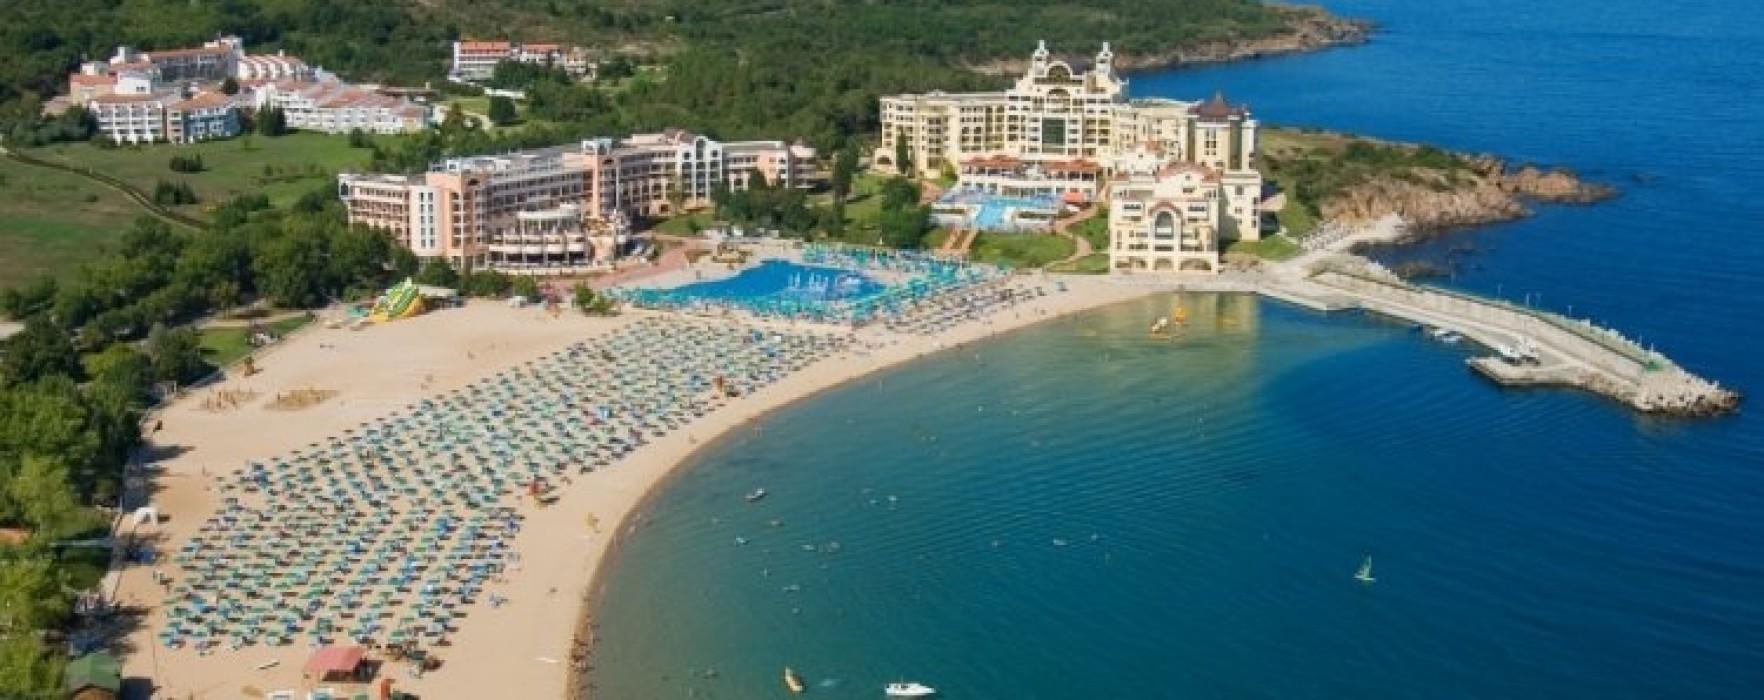 Alertă MAE: Apa mării (litoralul bulgăresc) infectată cu virusul hepatic A